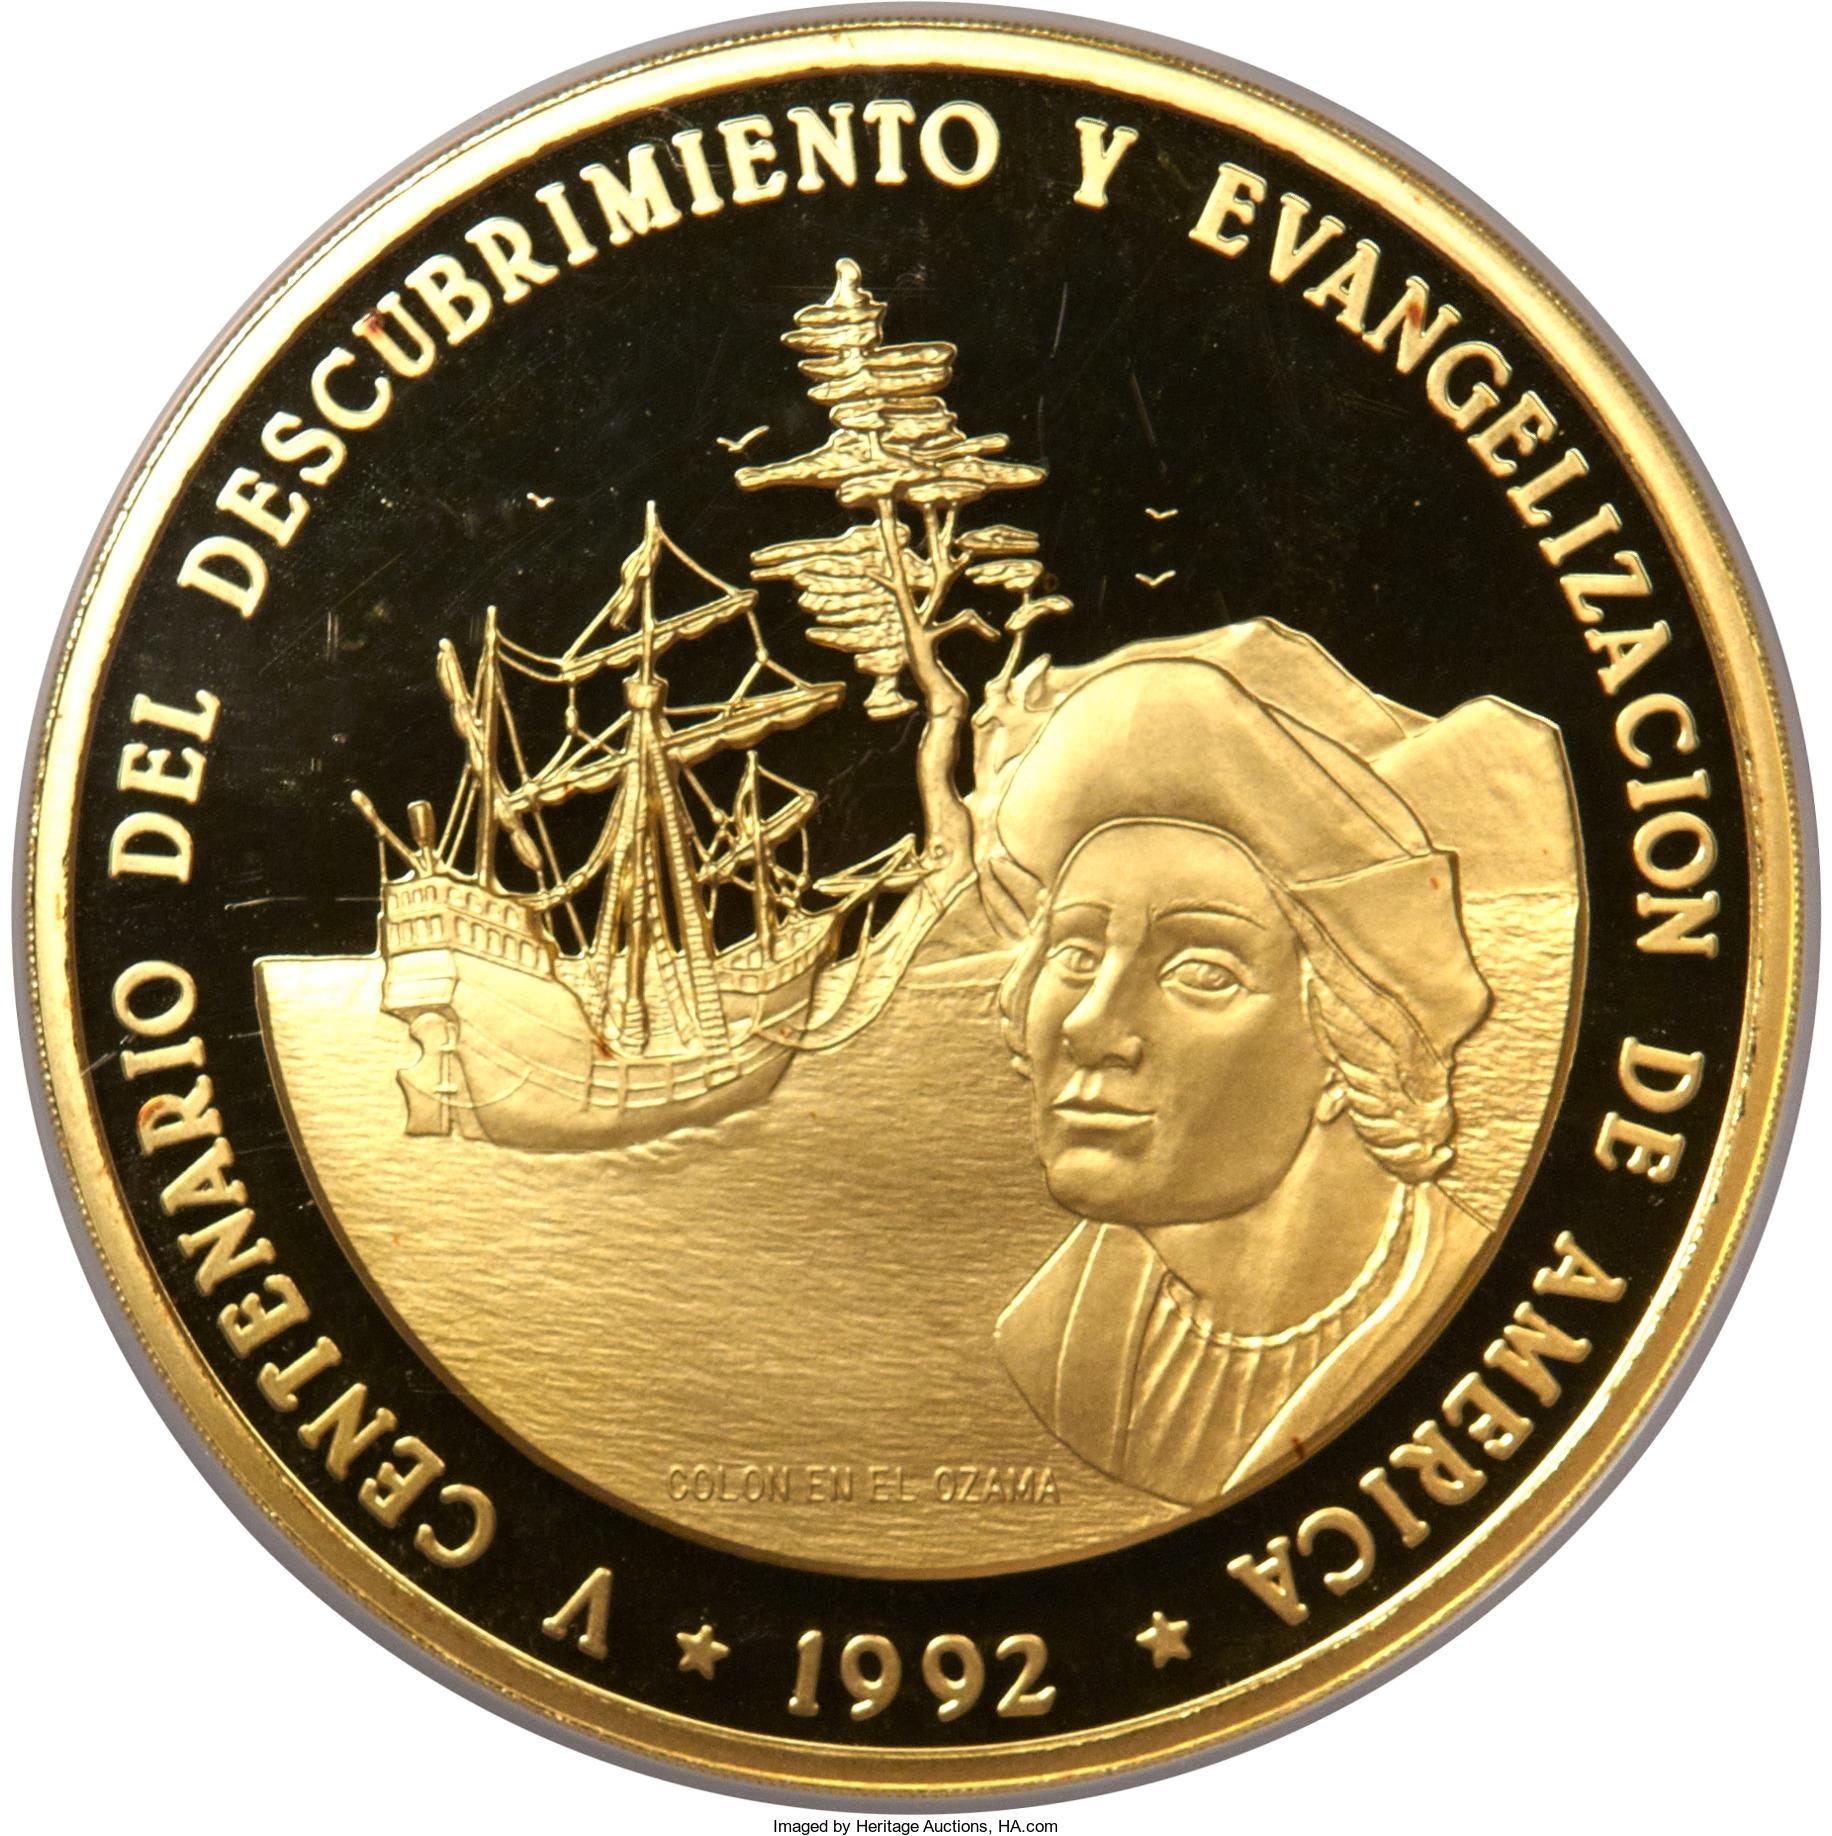 Moneda conmemorativa V centenario del descubrimiento y evangelizacion de america.